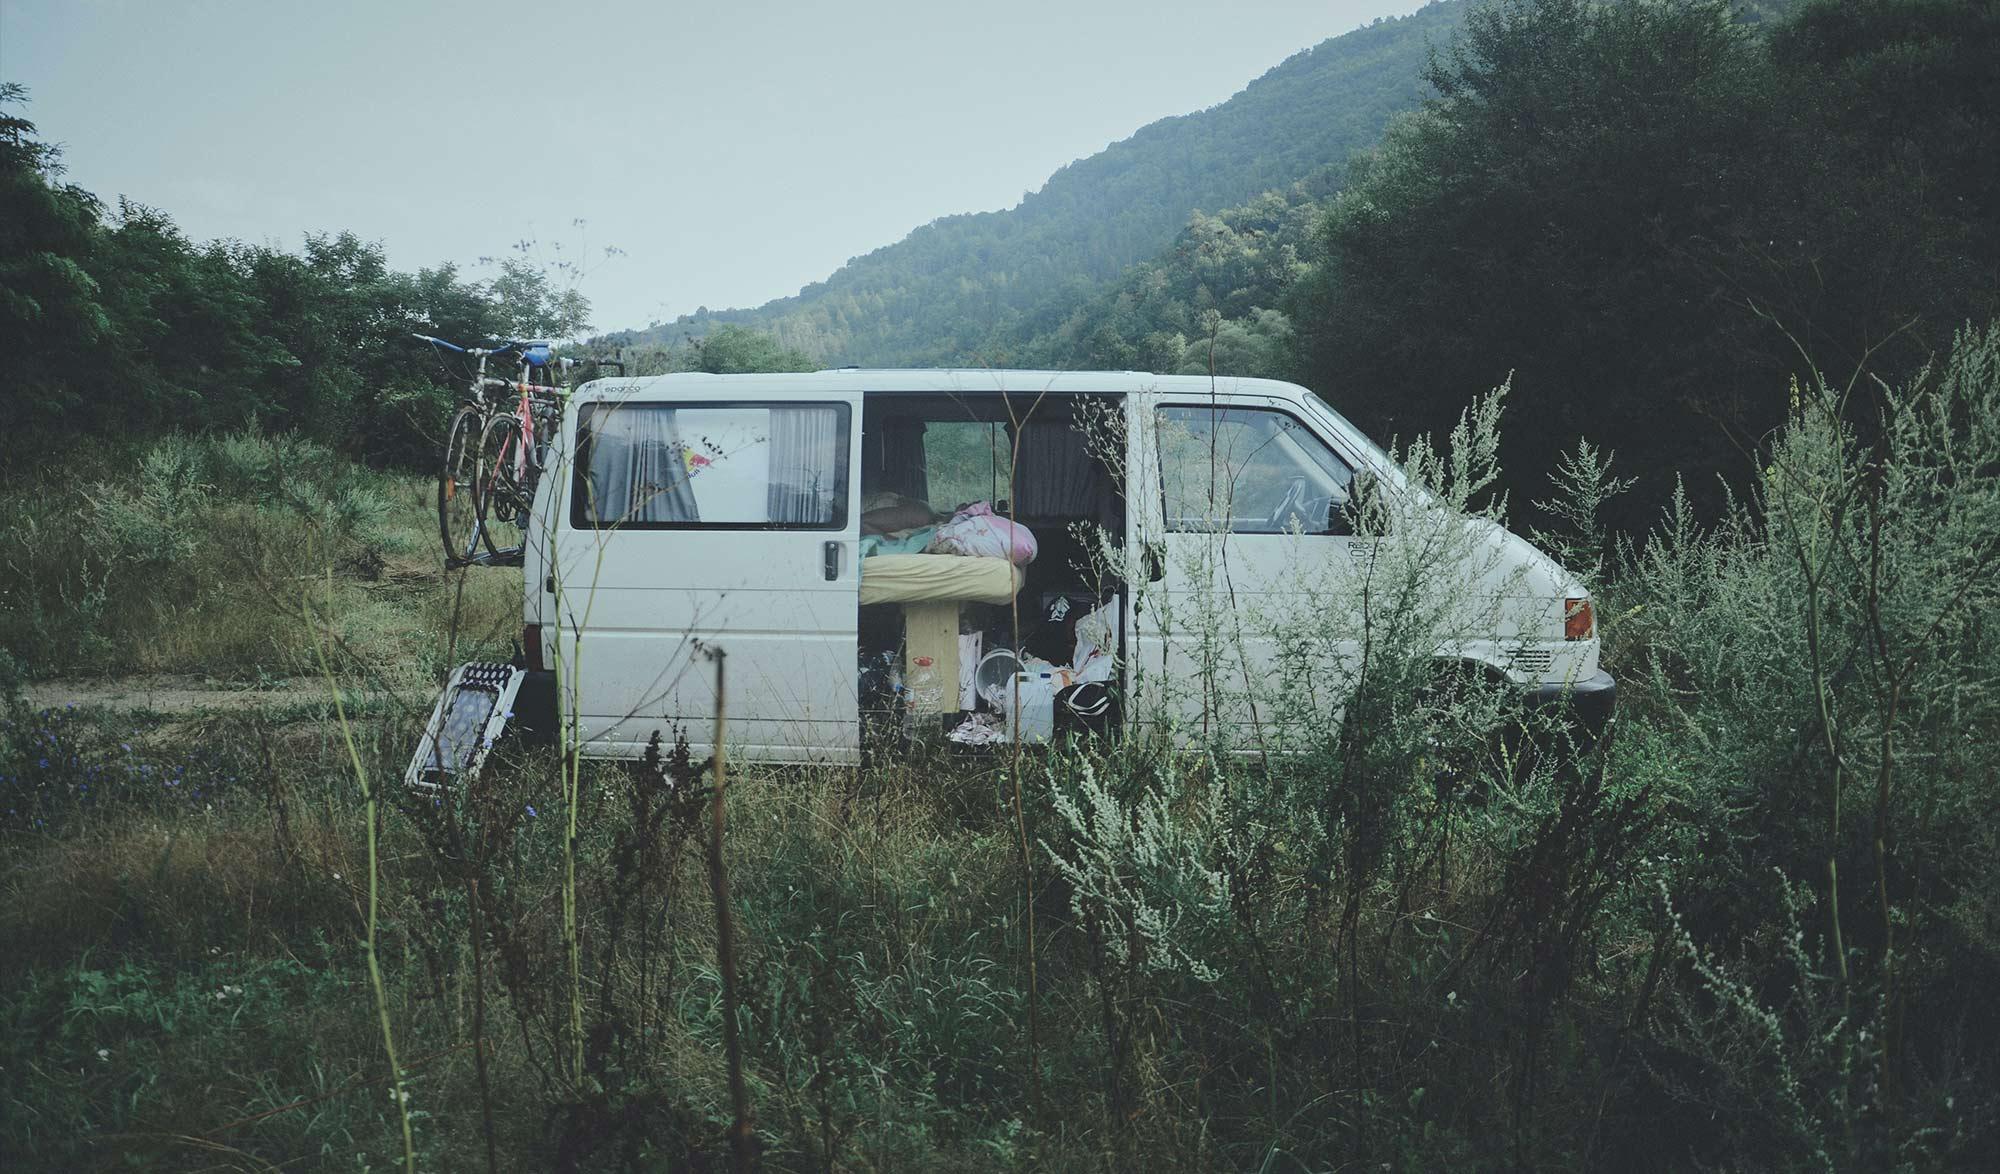 Van sur une aire de camping